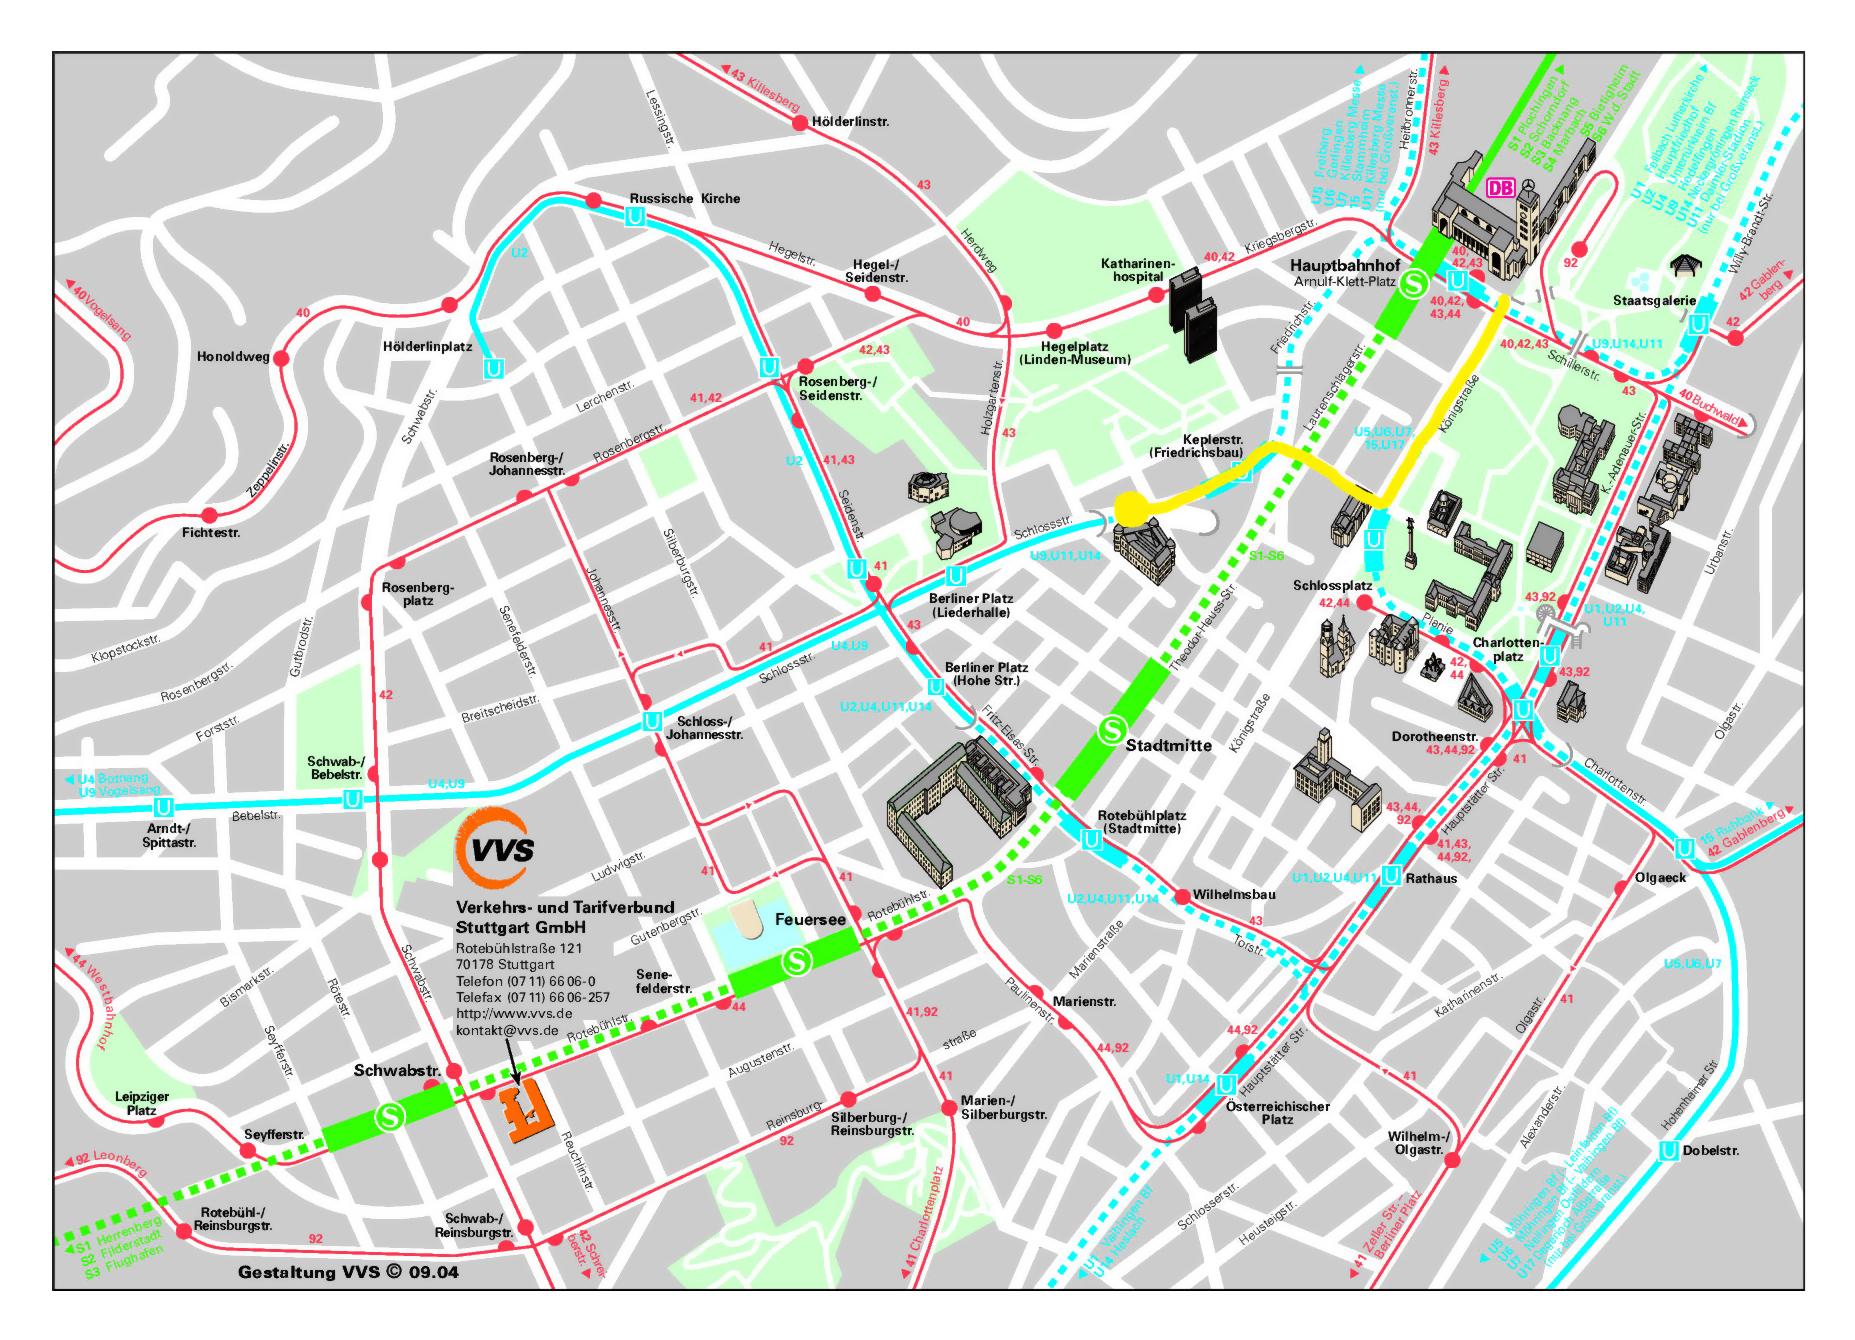 Stuttgart Map Of Germany.Detailed Street Map Of Central Part Of Stuttgart City Stuttgart